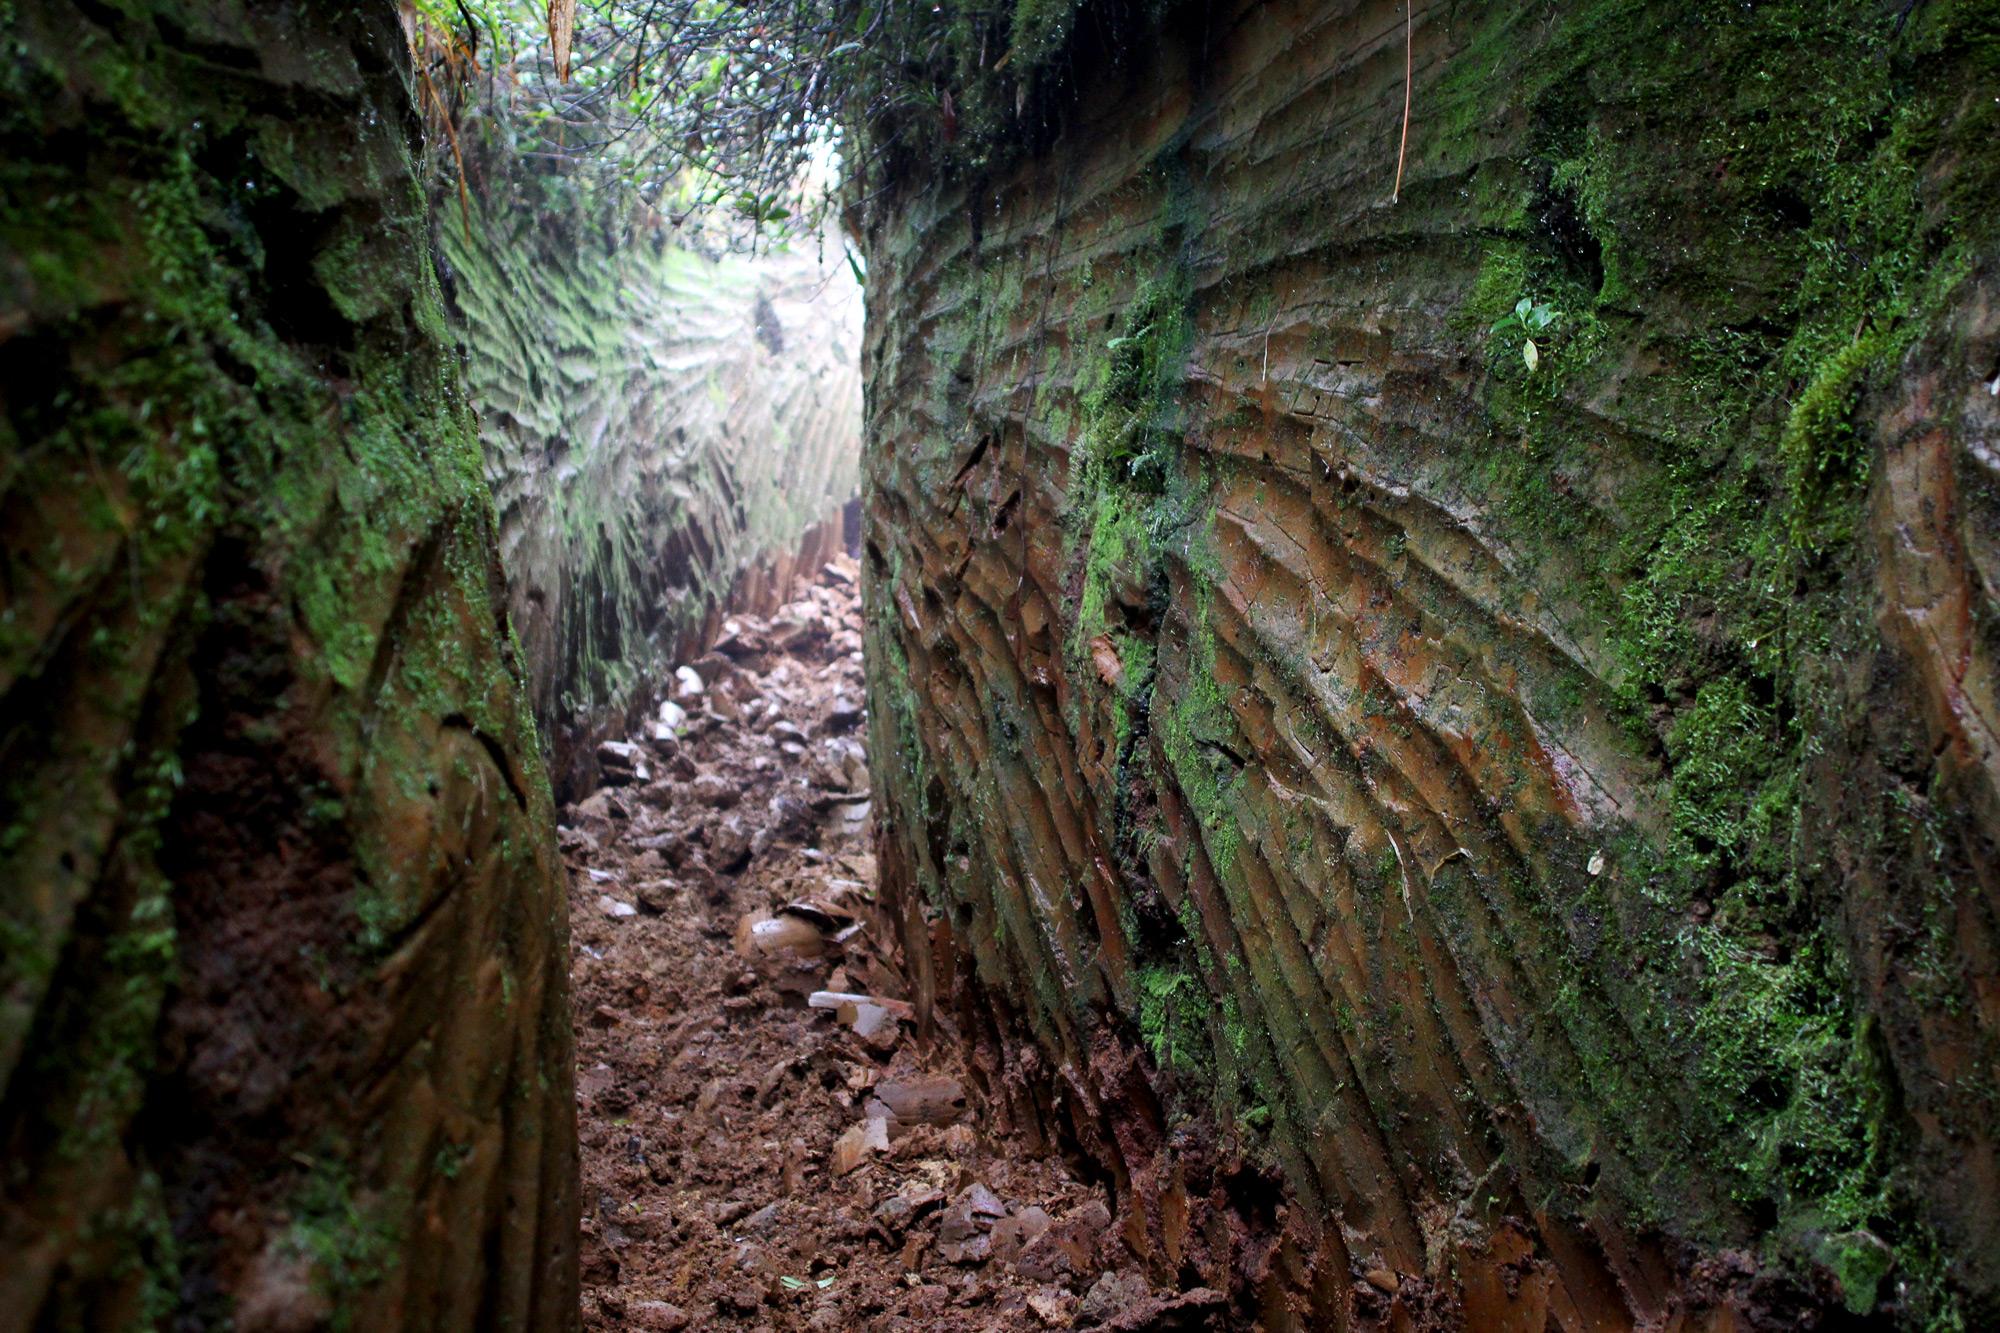 D5-Rock-Cavern-2-2000.jpg